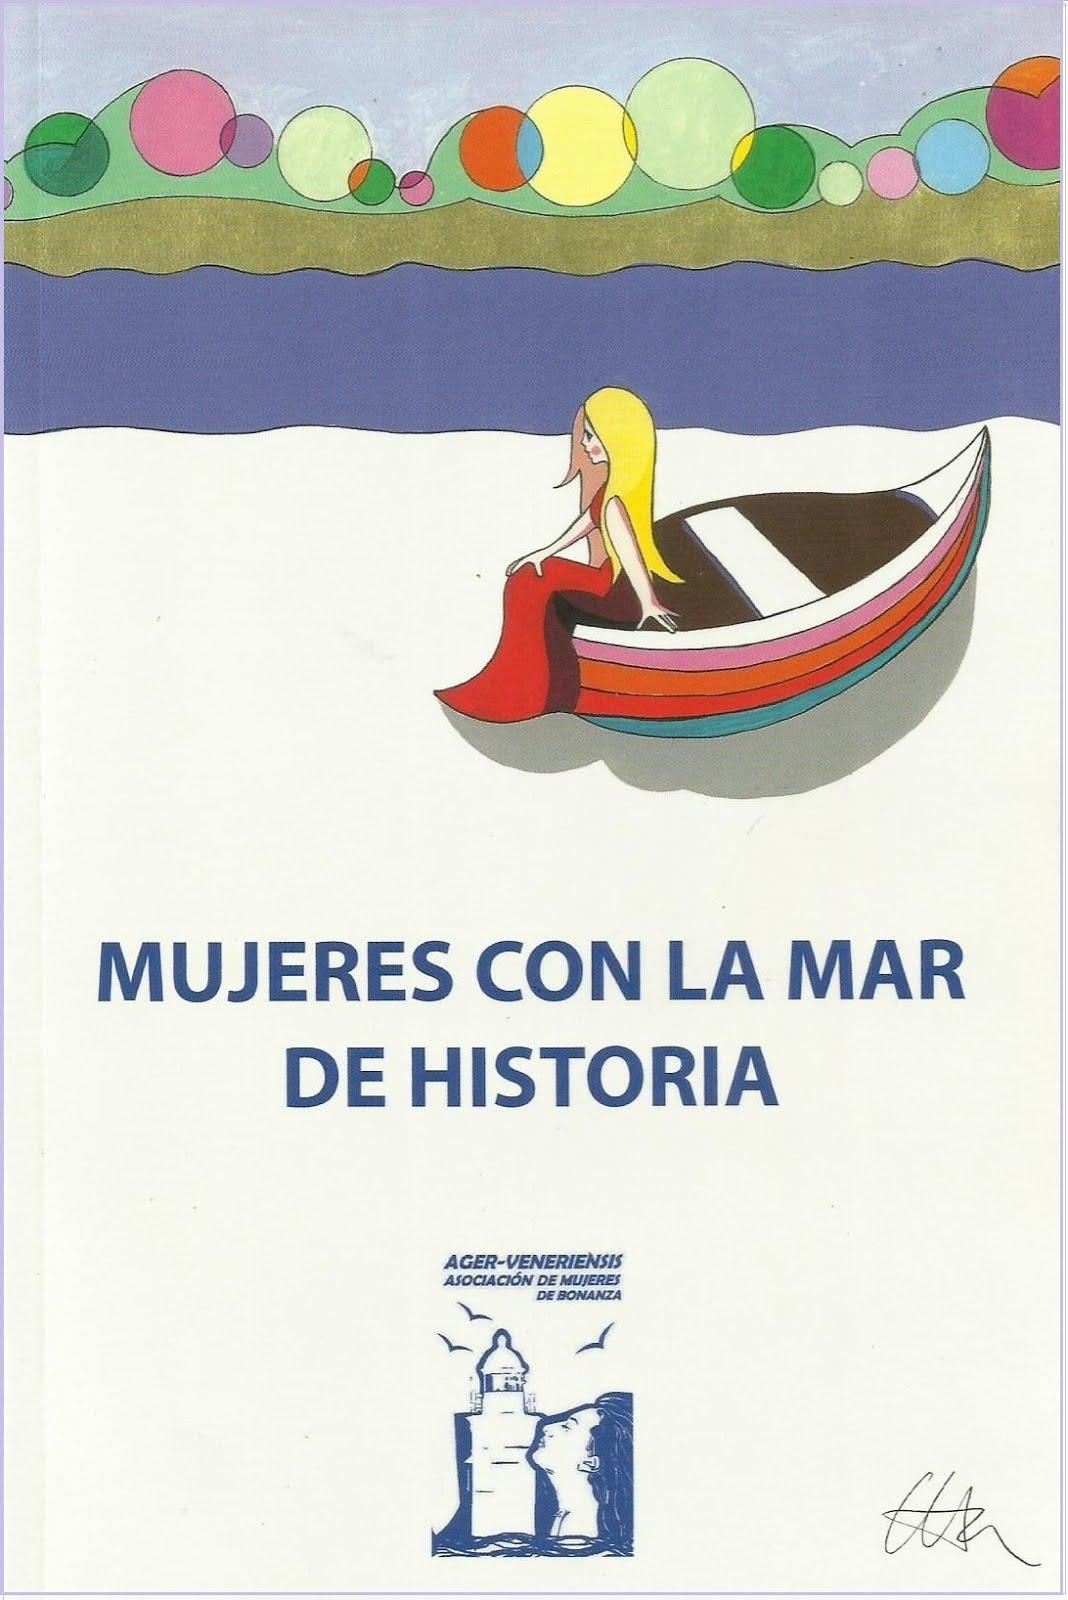 Mujeres con La Mar de Historia